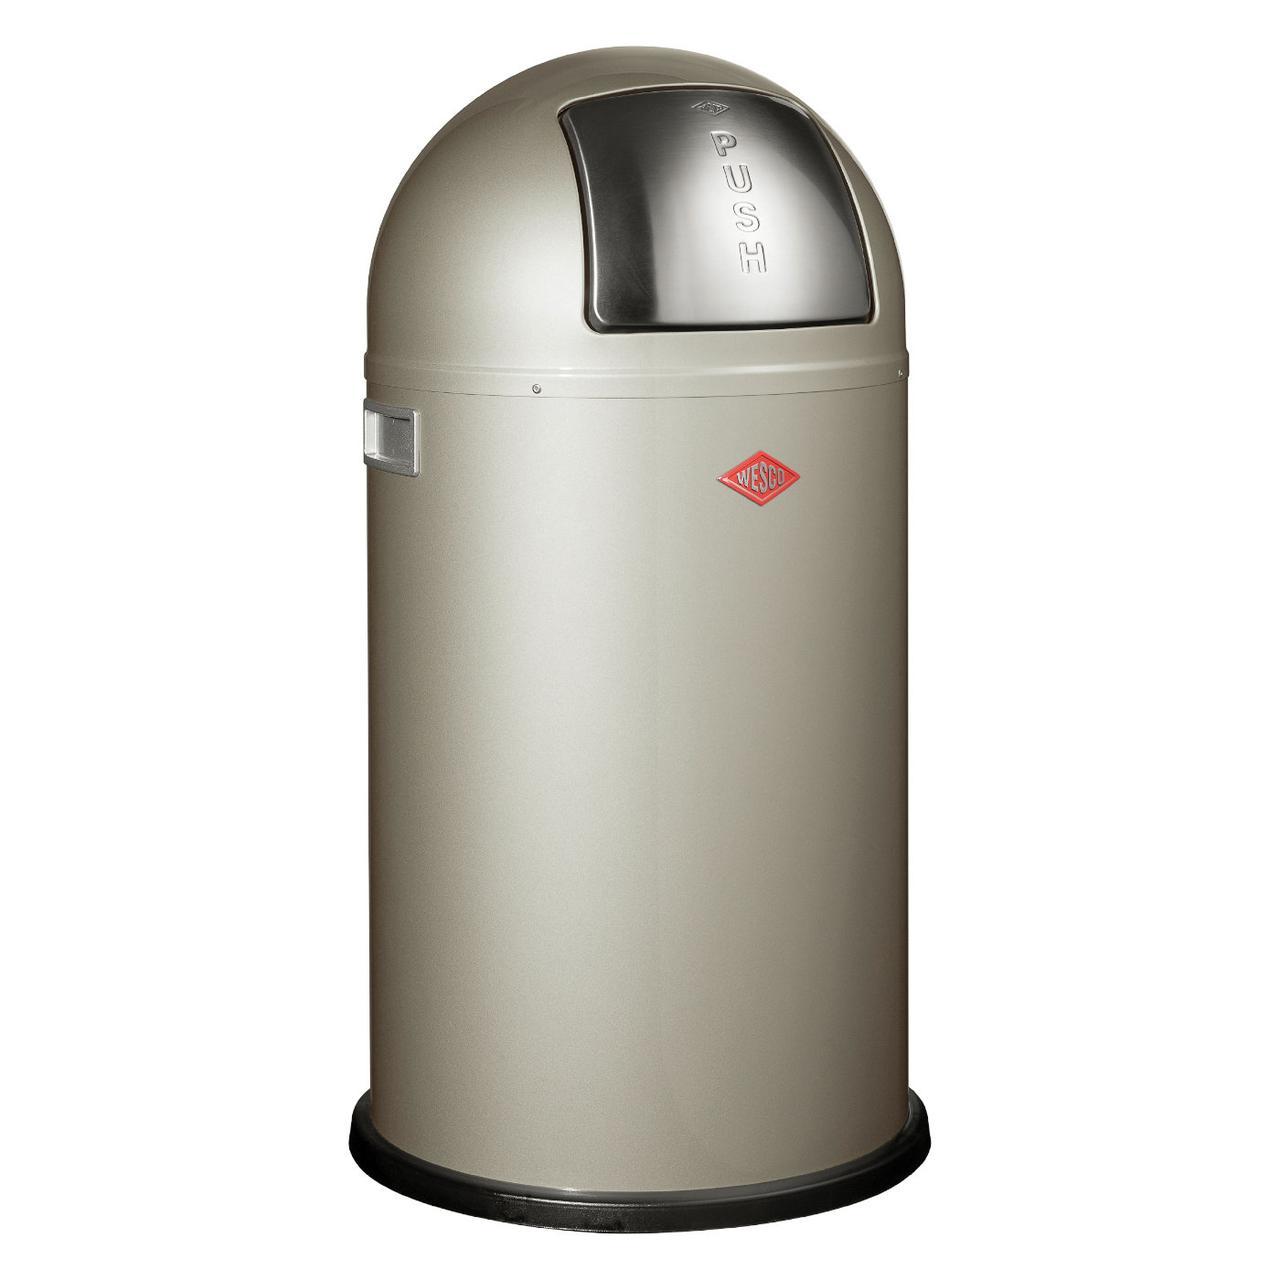 Відро для сміття Wesco Pushboy 50 л срібло 175831-03